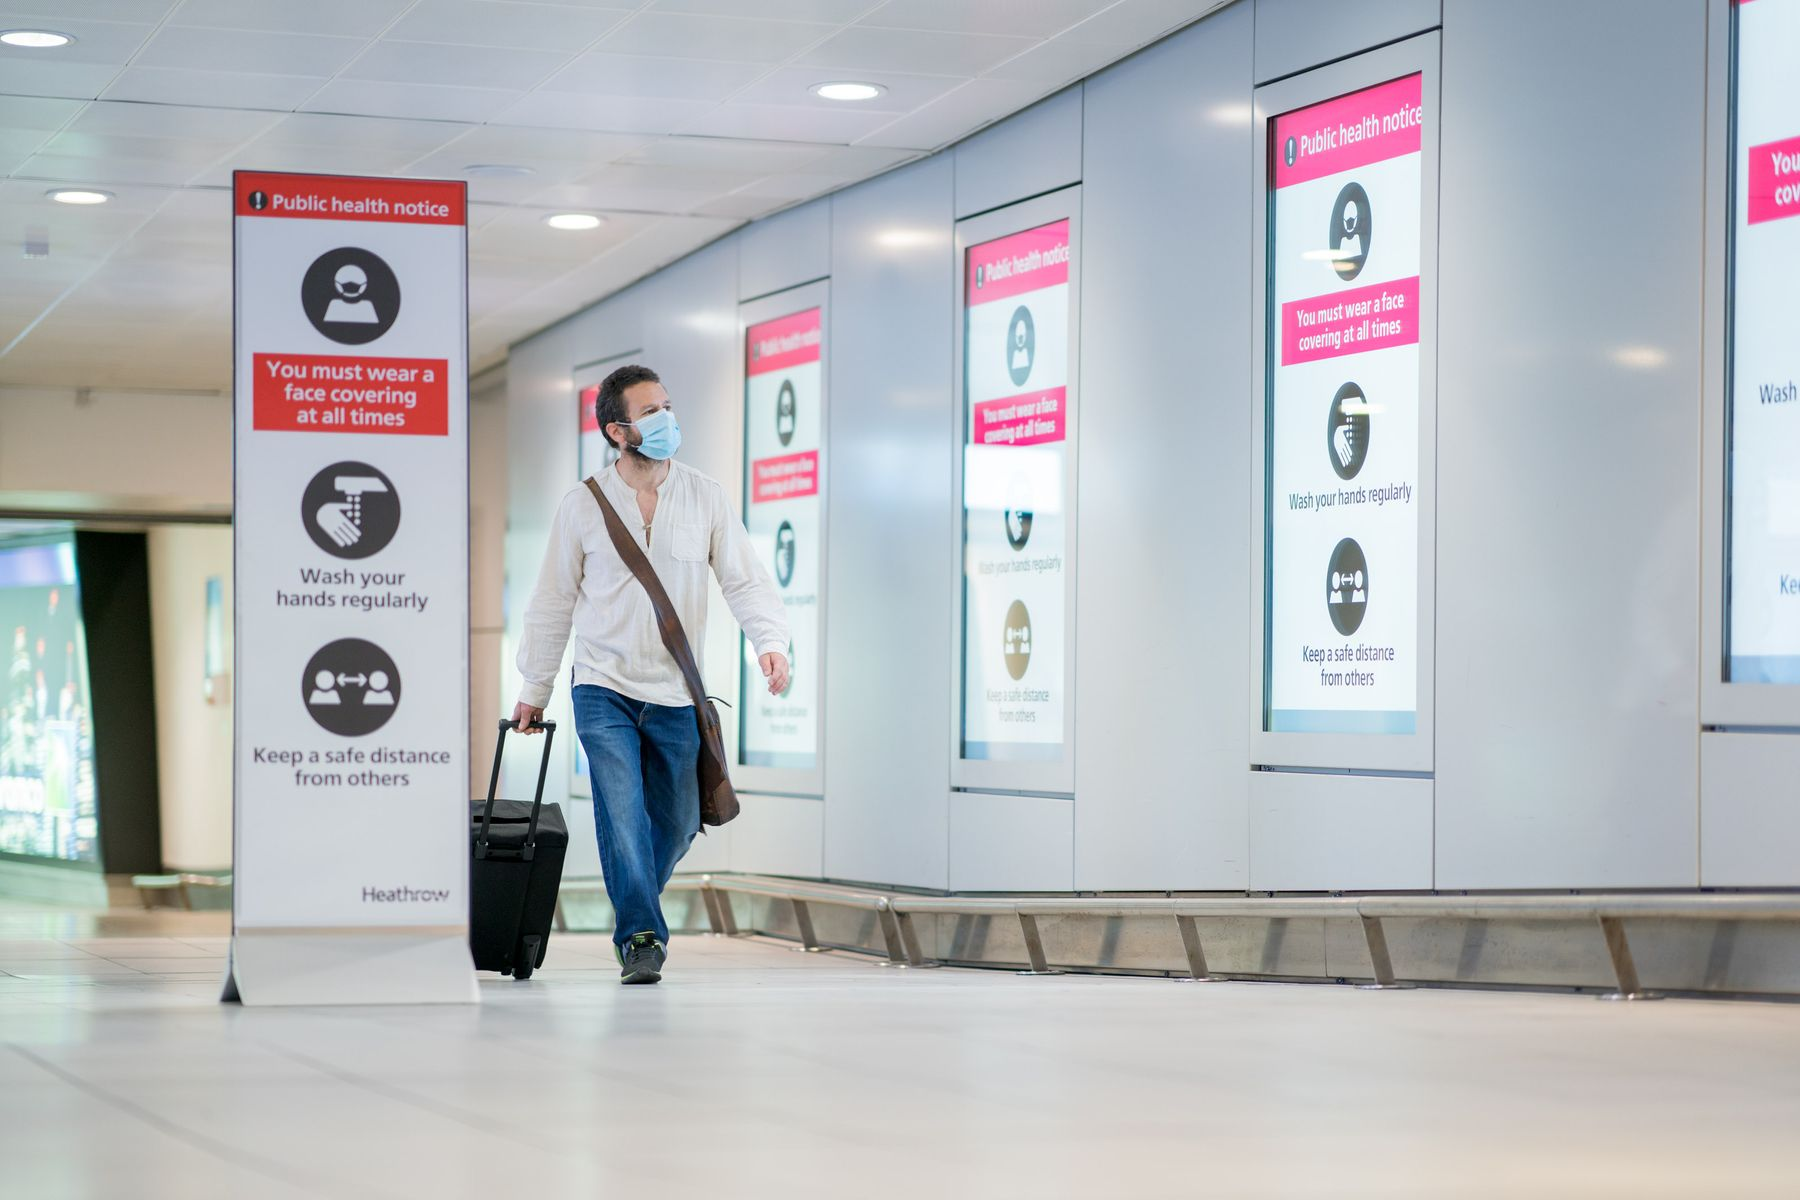 Путешествие во время коронавируса. Аэропорт Хитроу, Лондон